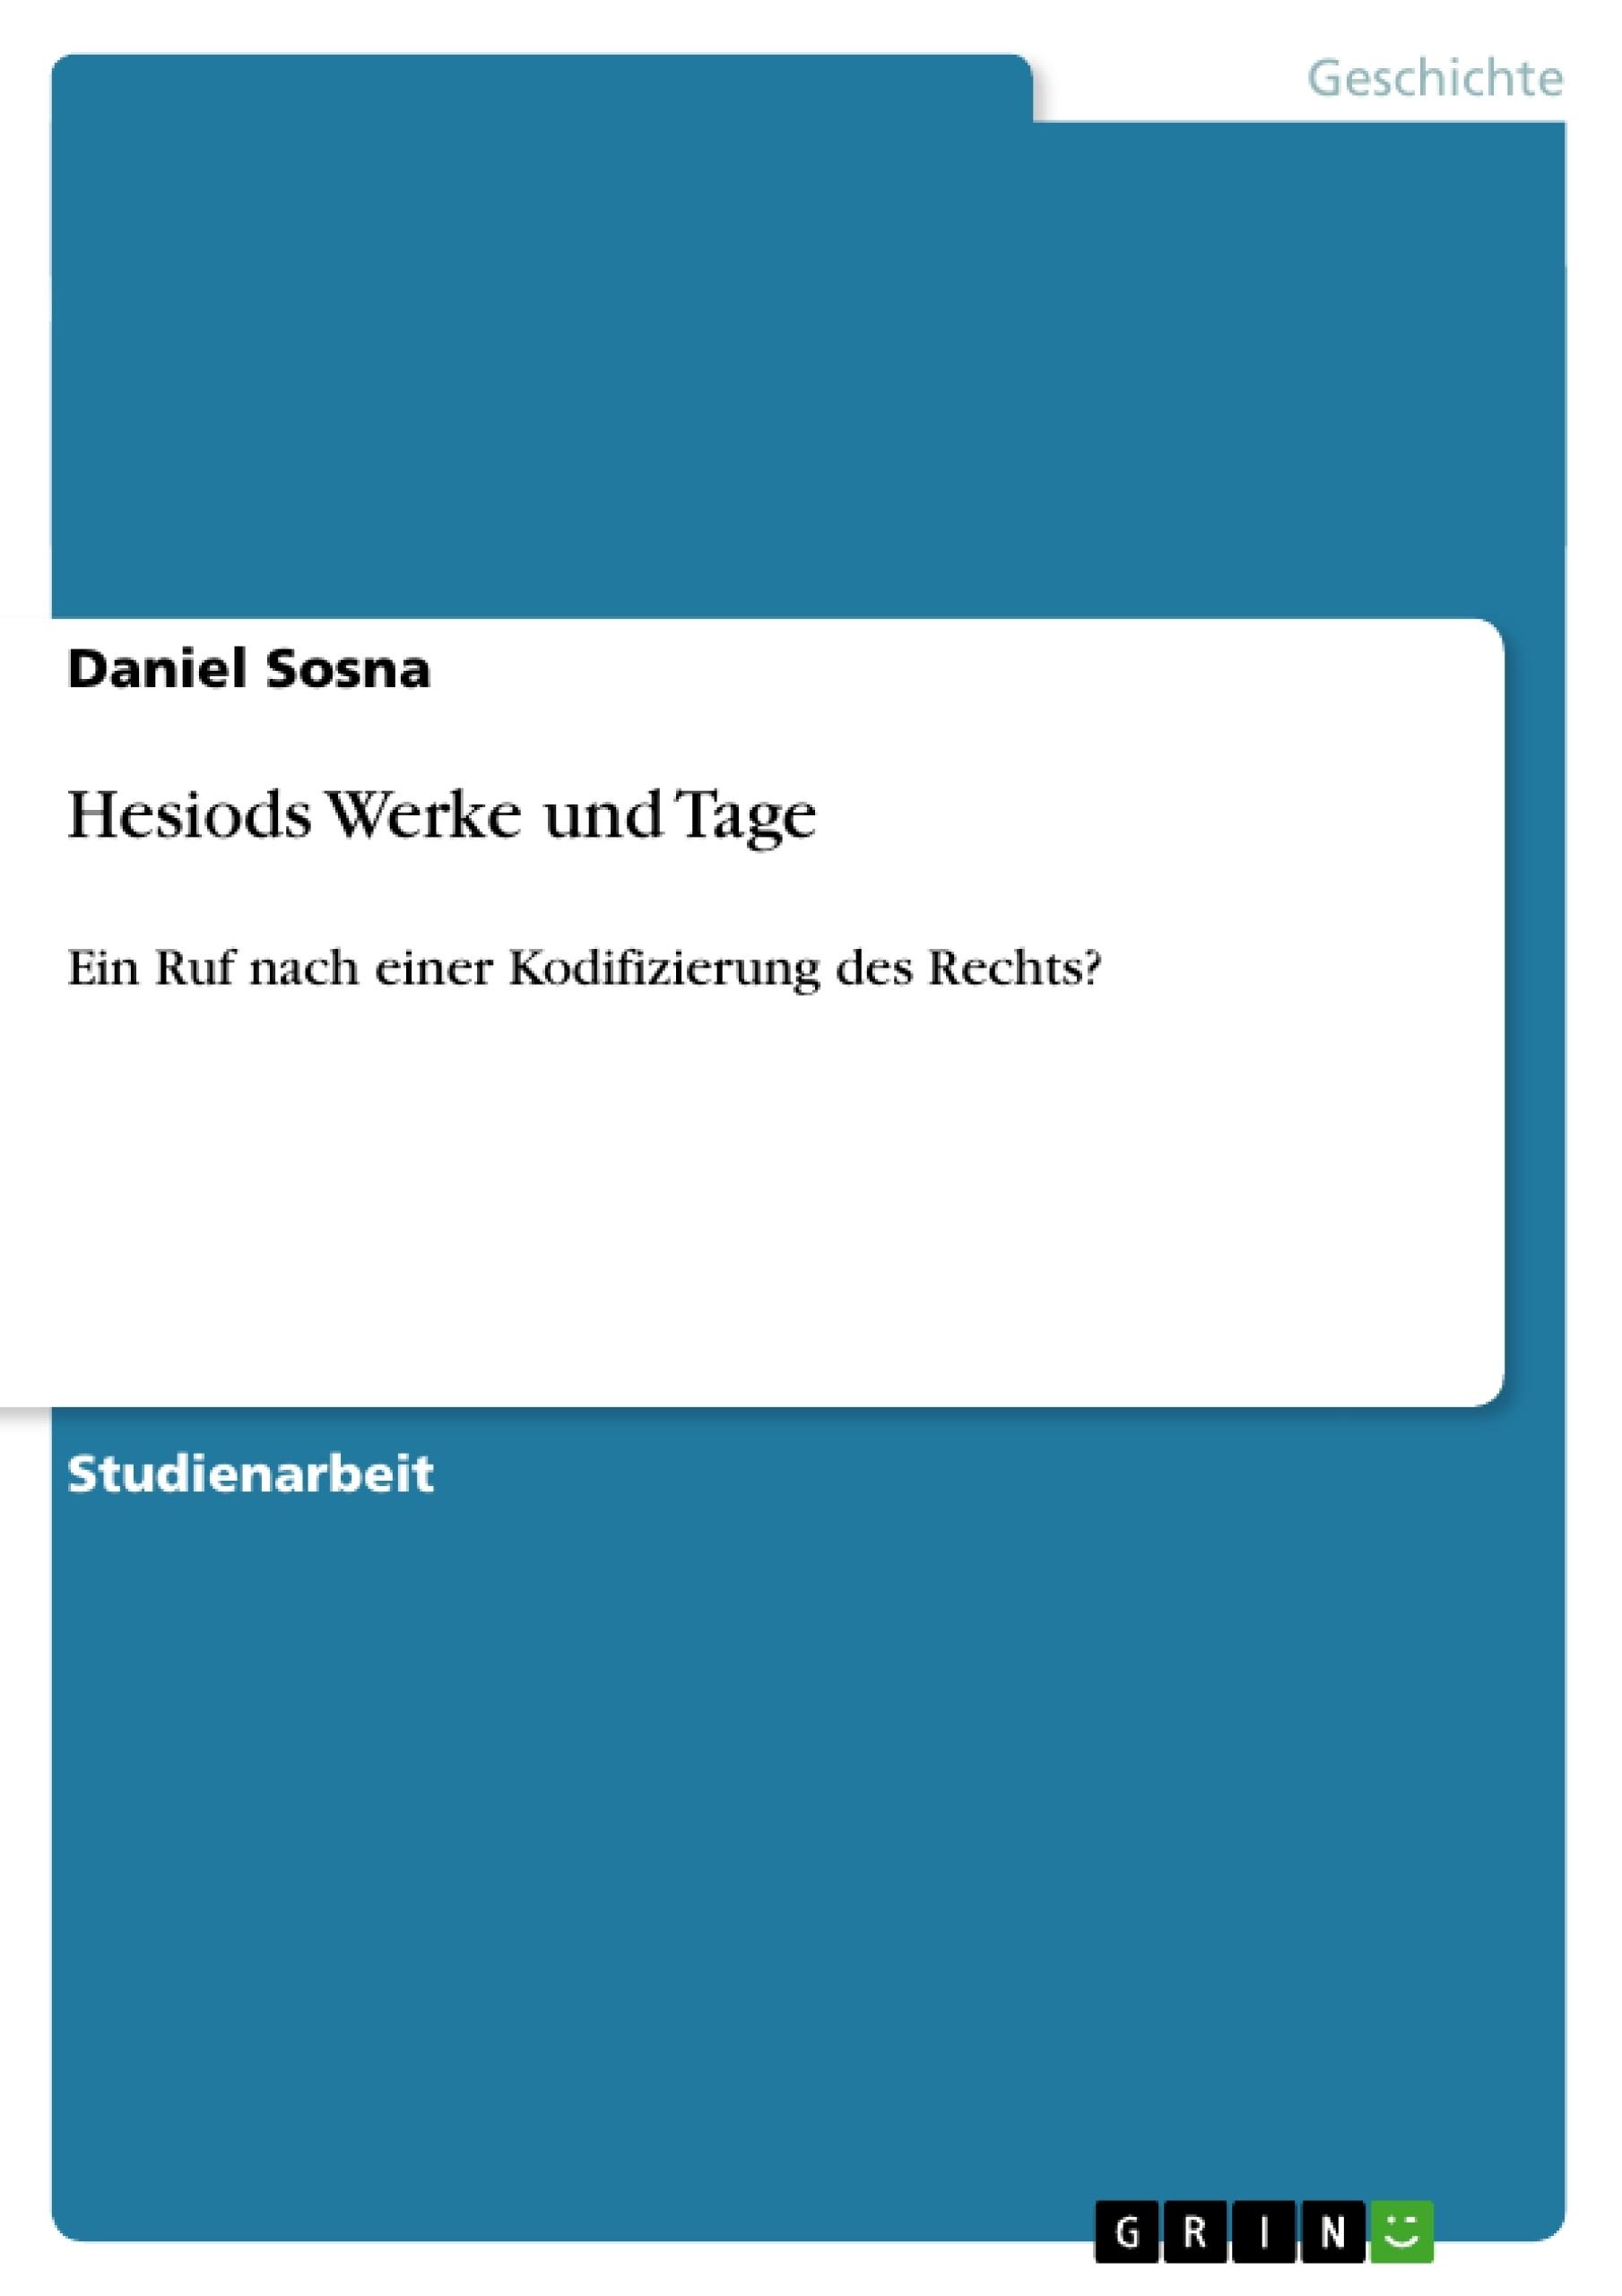 Titel: Hesiods Werke und Tage